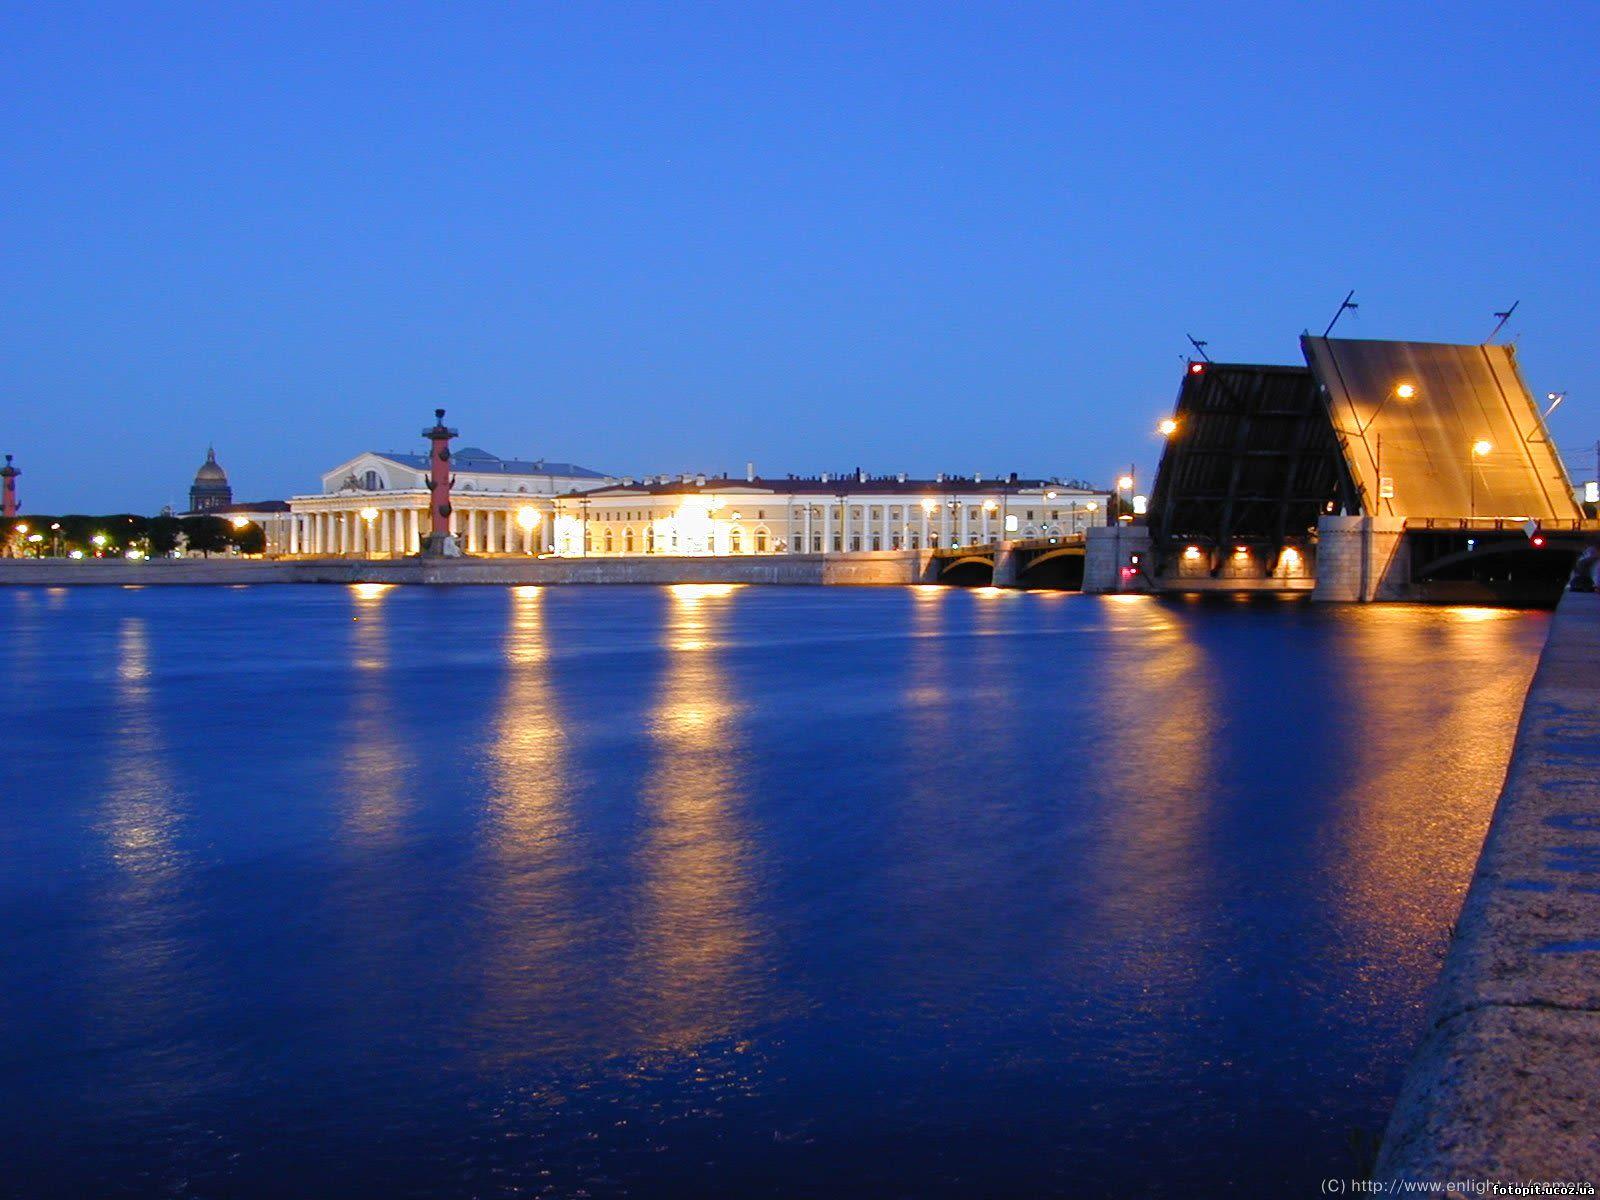 Санкт-Петербург, метро Технологический институт-1 - аренда жилья посуточно в Санкт-Петербурге